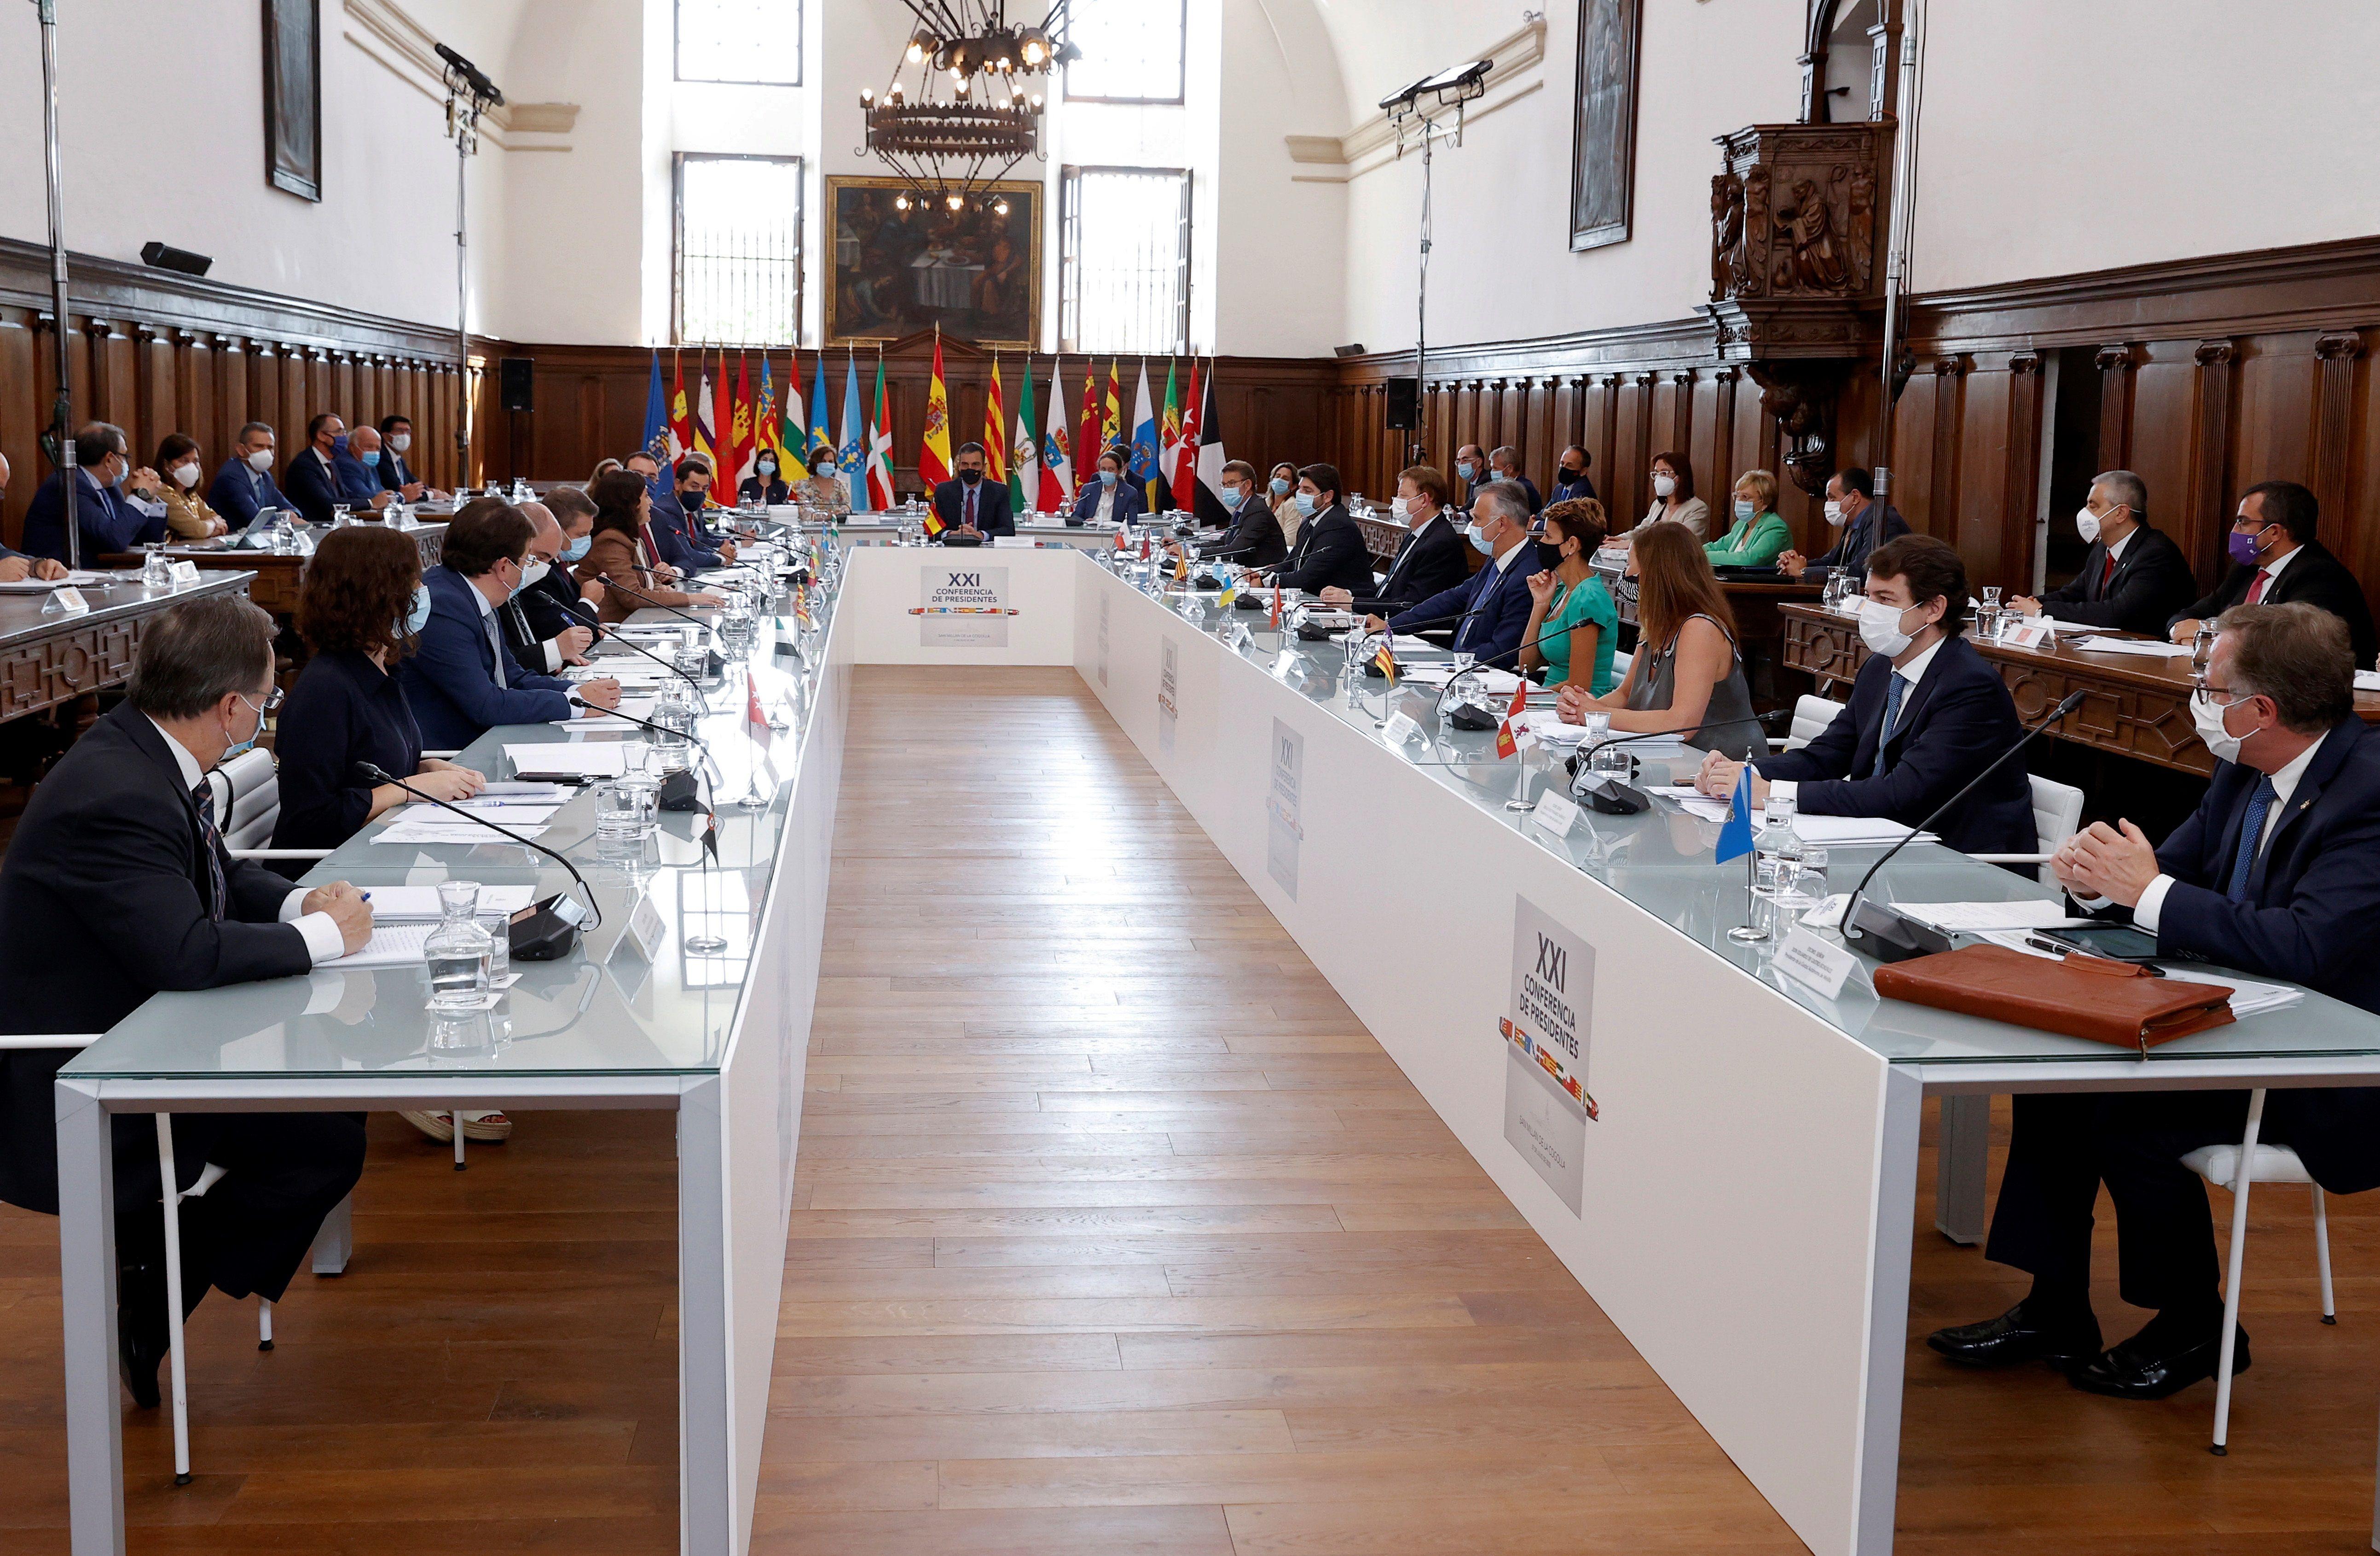 Arranca la reunión de presidentes autonómicos. Además de los 16 presidentes (solo falta Cataluña) y dos presidentes de ciudades autónomas, en San Millán de la Cogolla se reúnen el presidente del Gobierno, los cuatro vicepresidentes y tres ministros.